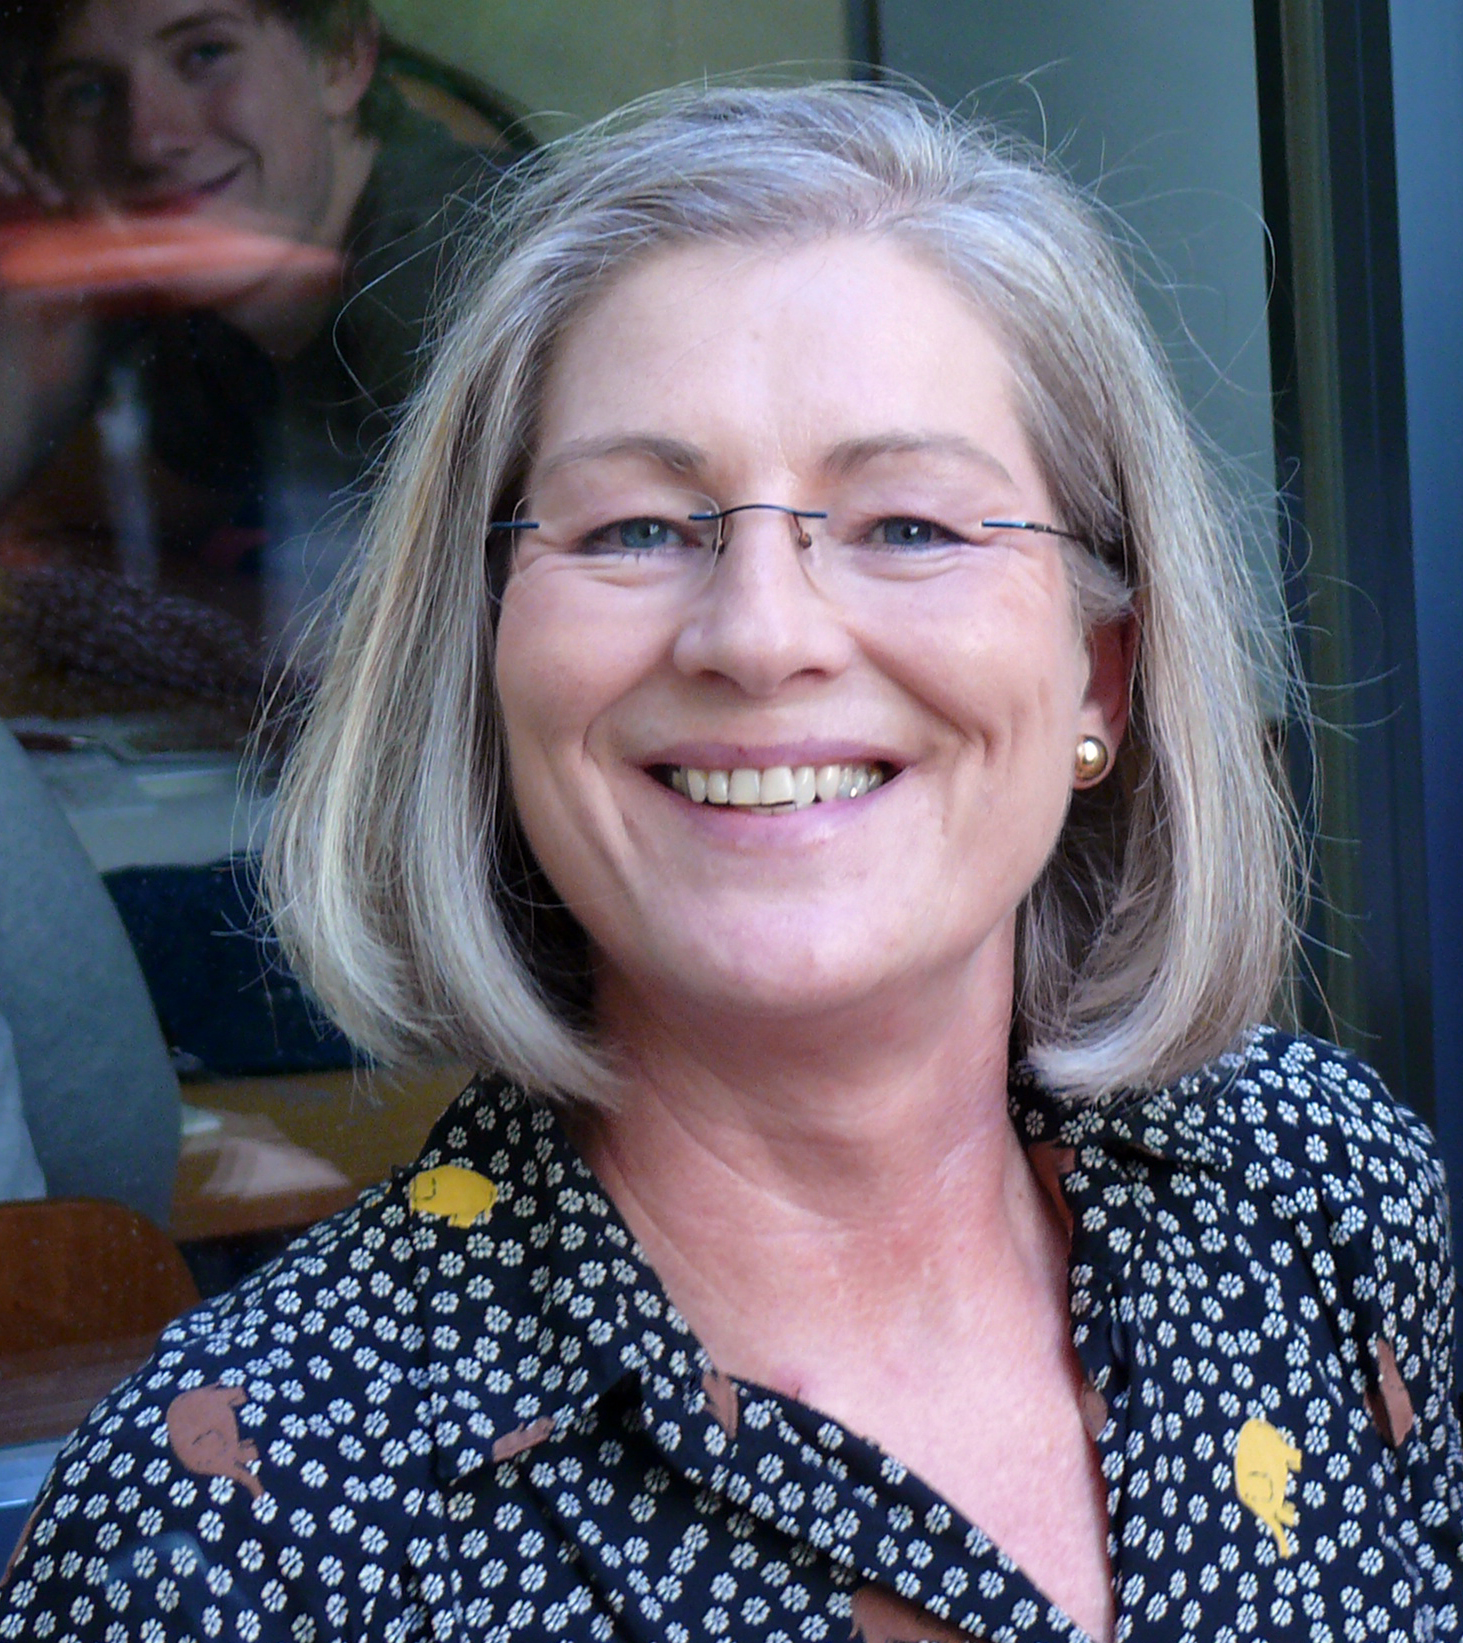 Lisa Rosa (Foto: Andreas Körber; Bild steht nicht unter einer freien Lizenz).